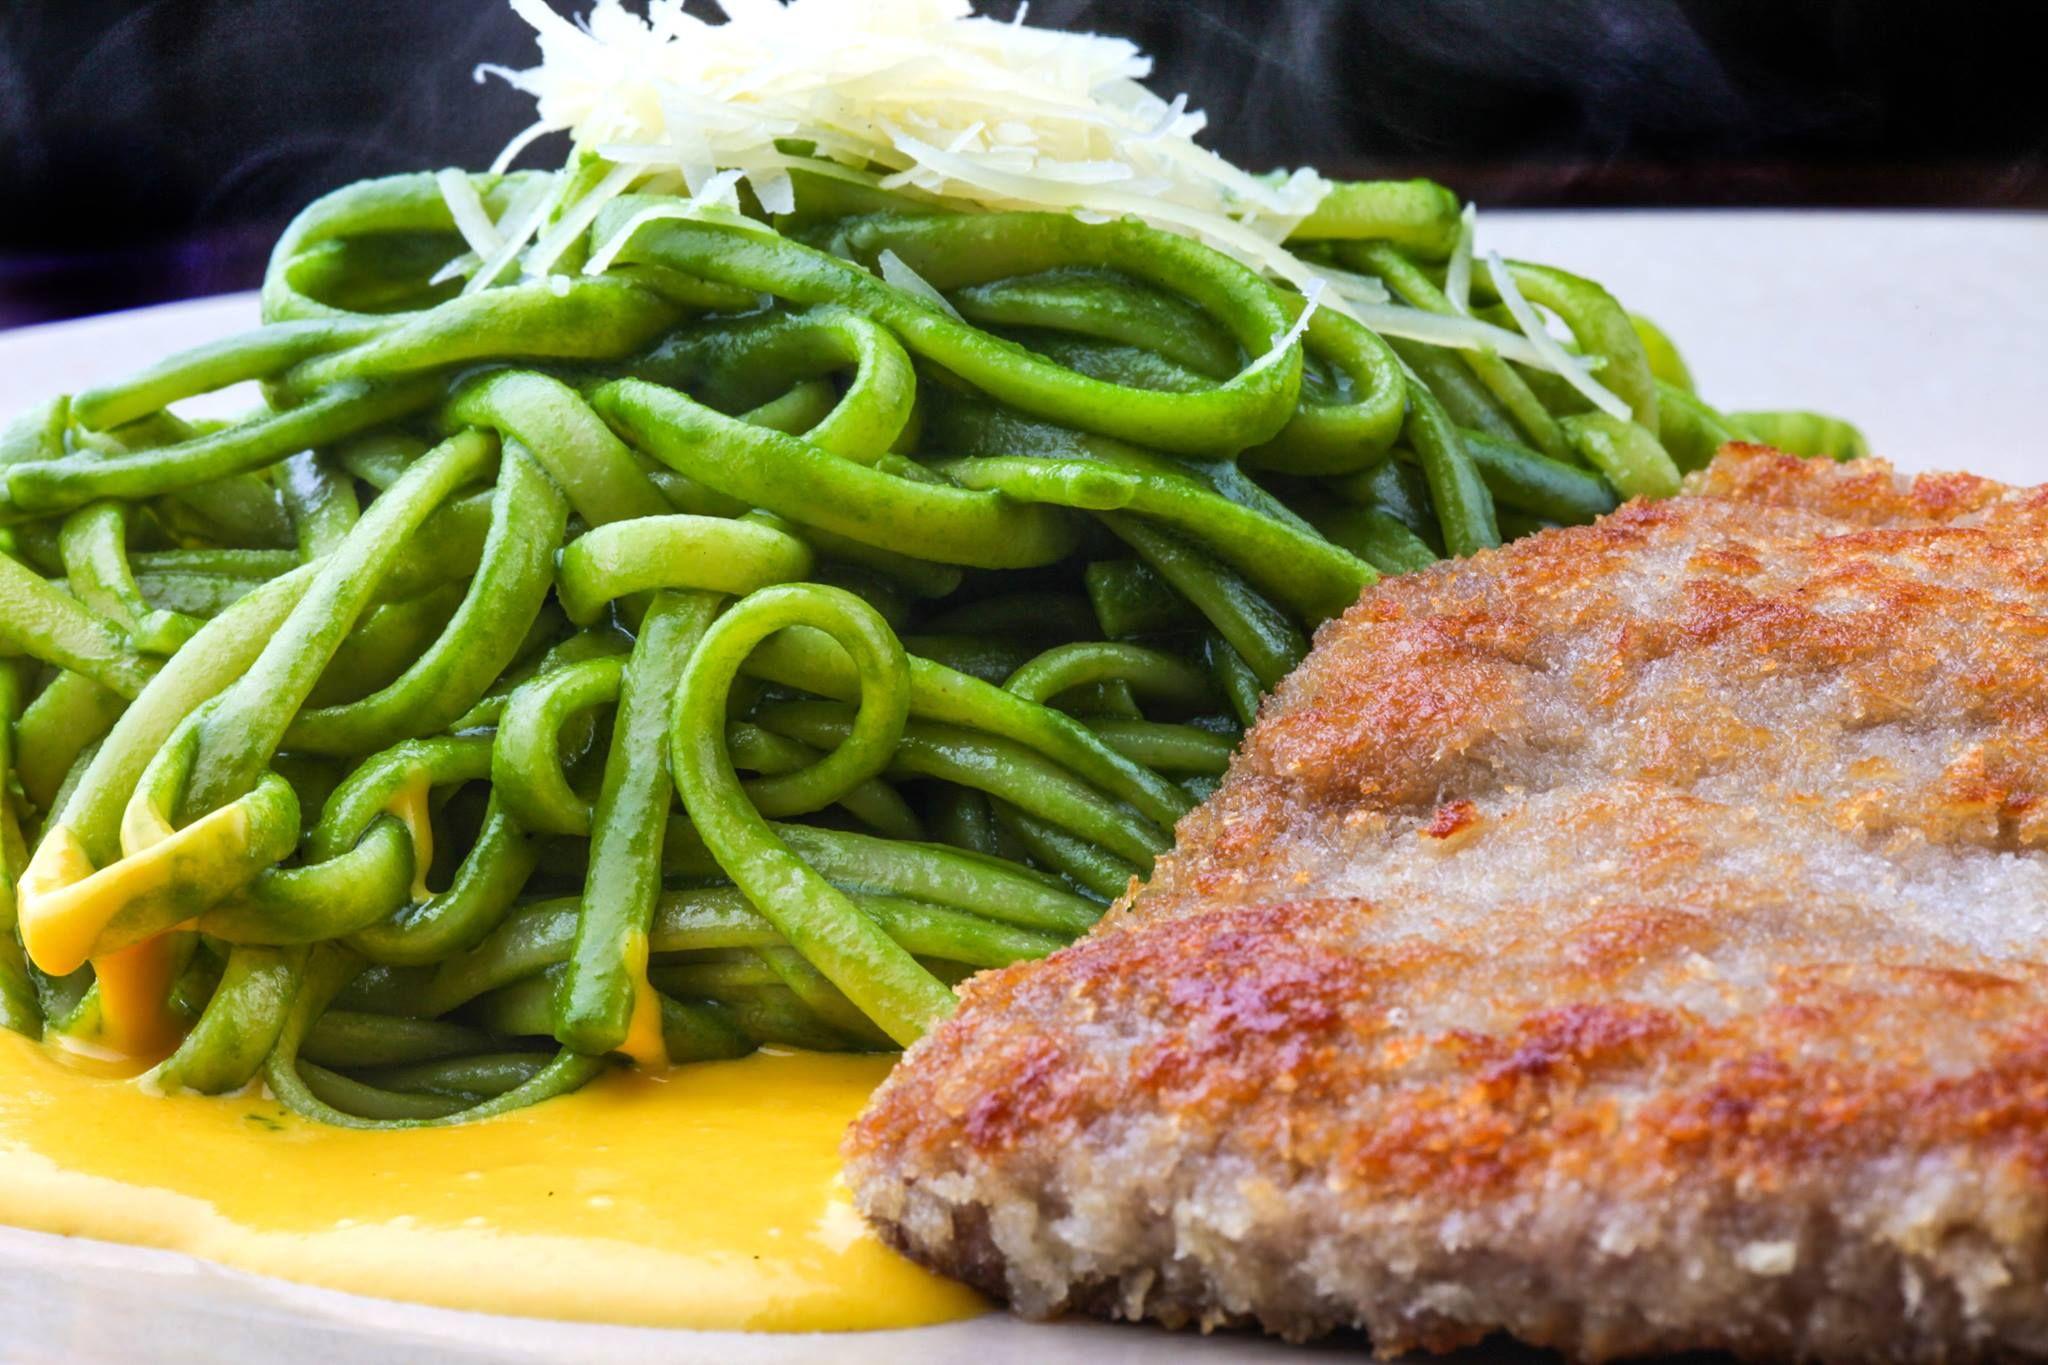 Bisteck Apanado con Tallarines Verdes